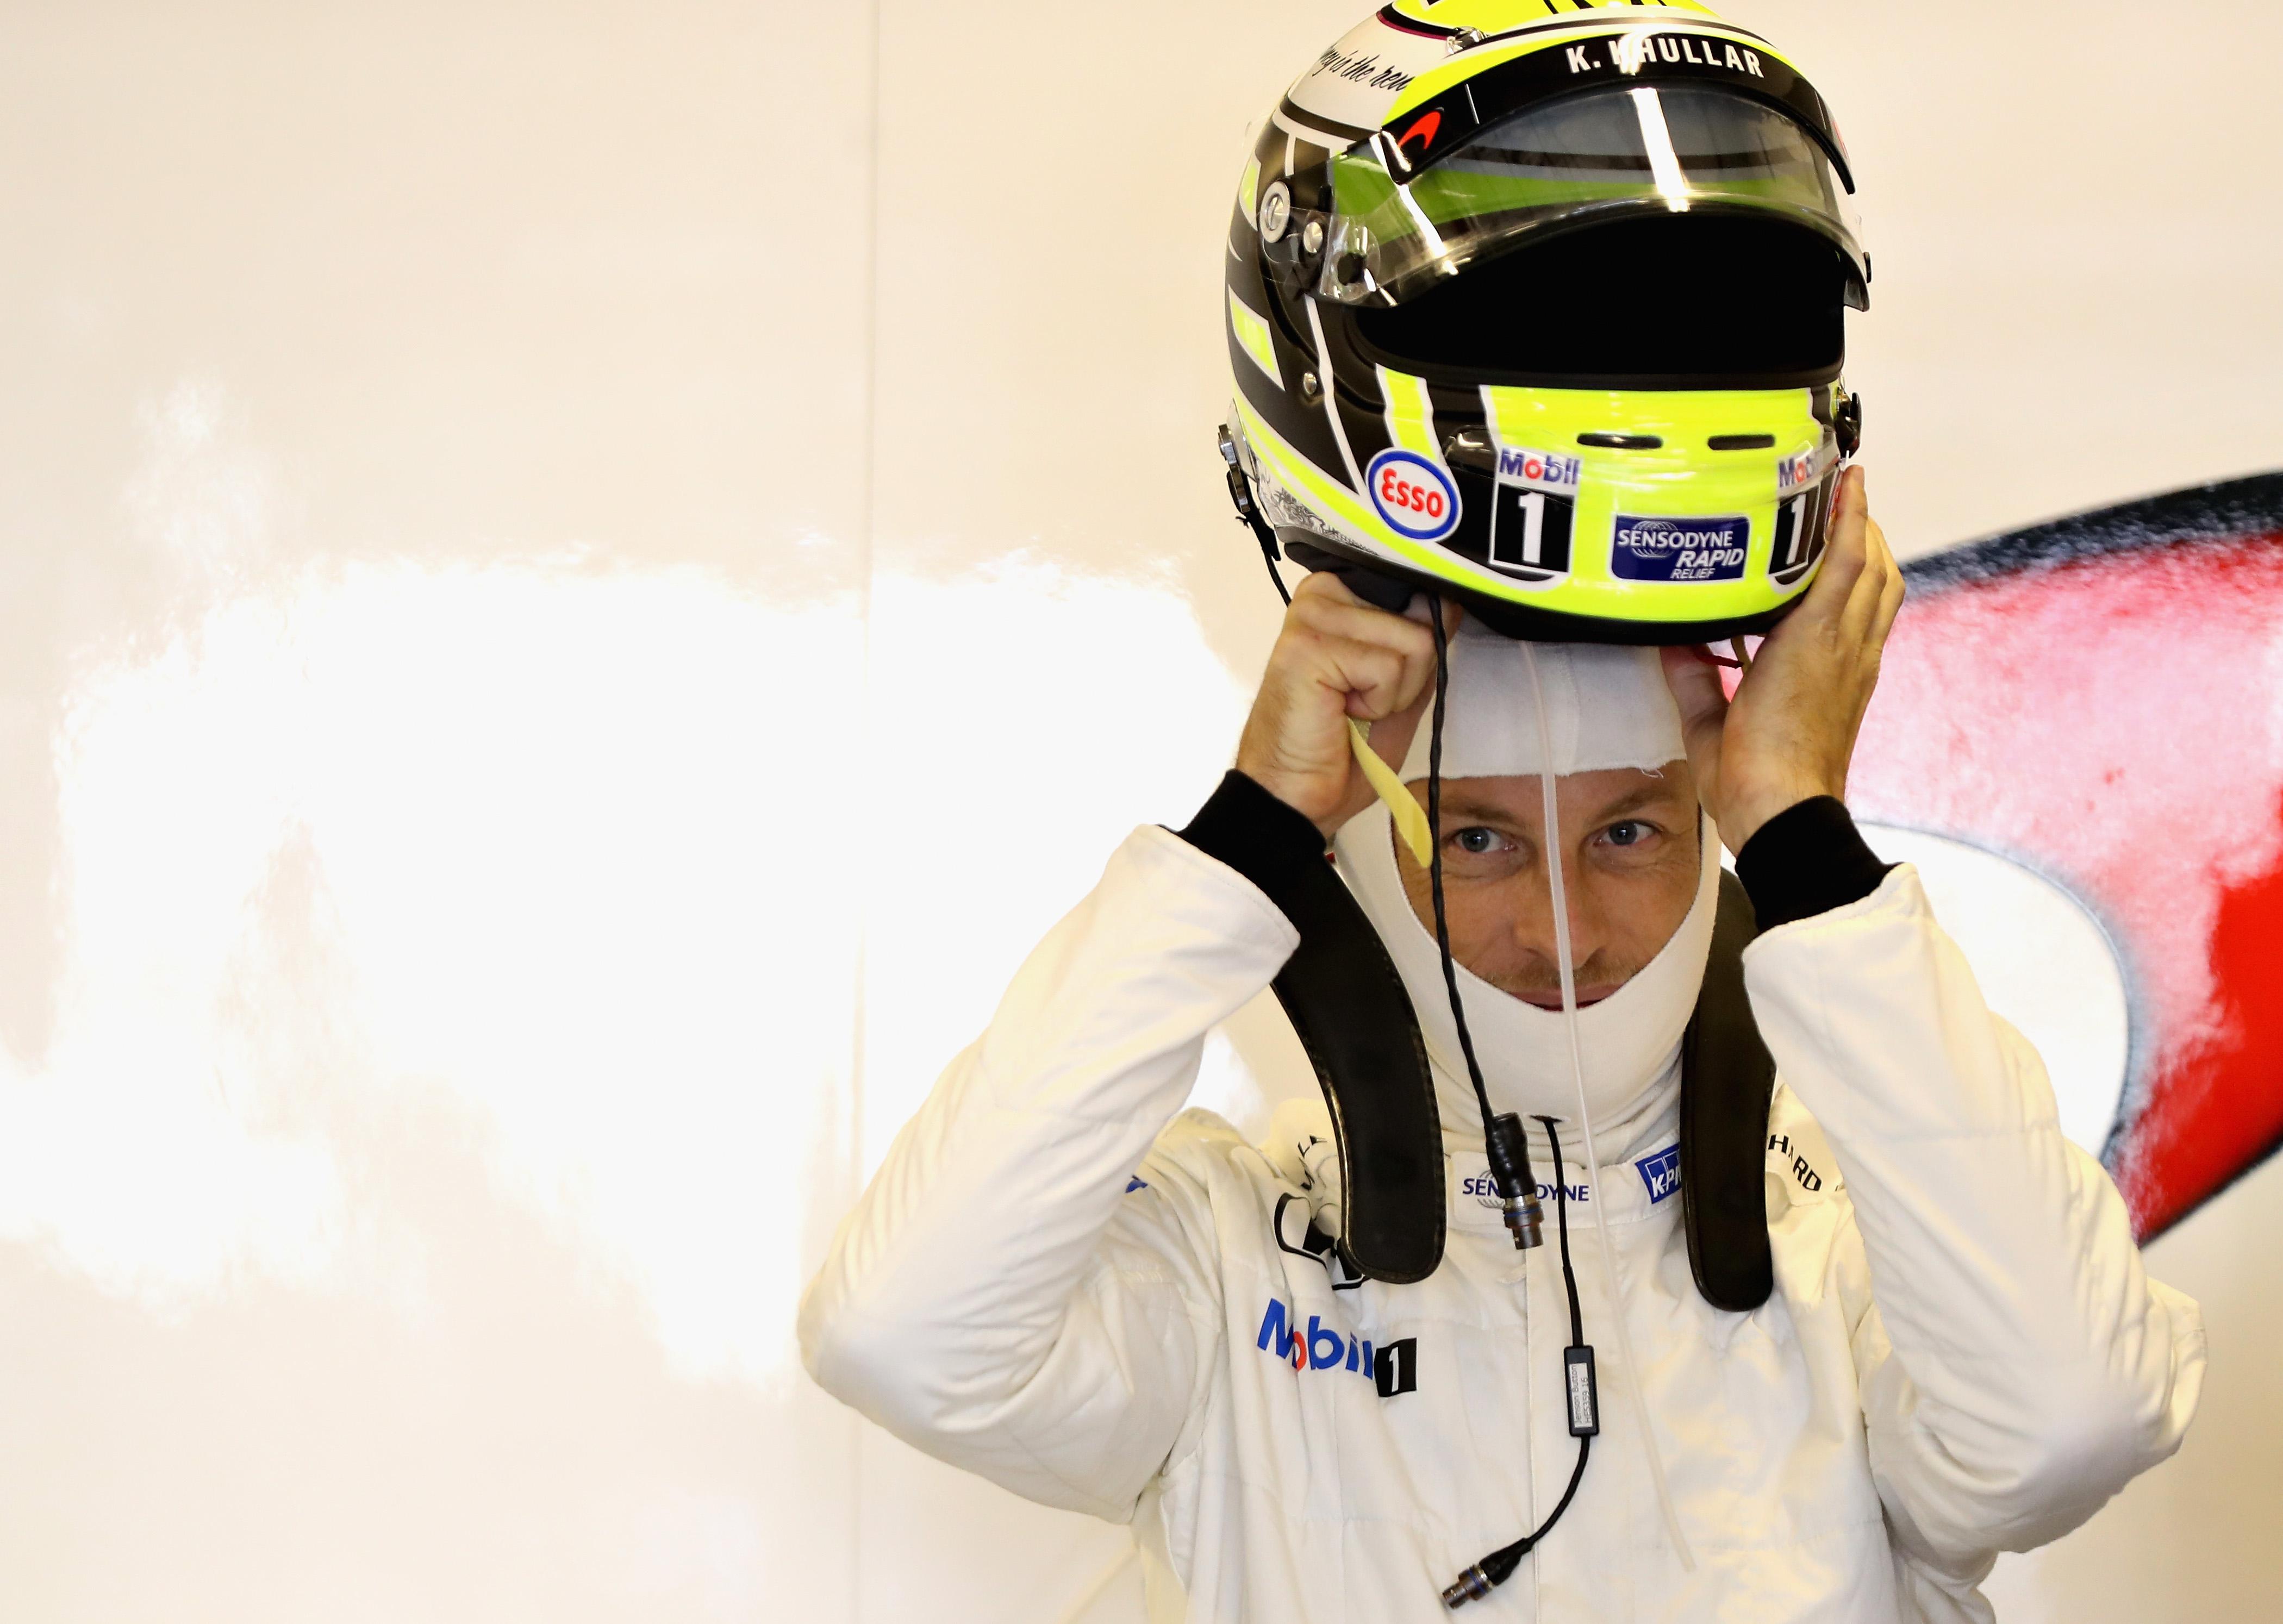 Победитель «Формулы-1» следующего года Росберг объявил озавершении карьеры